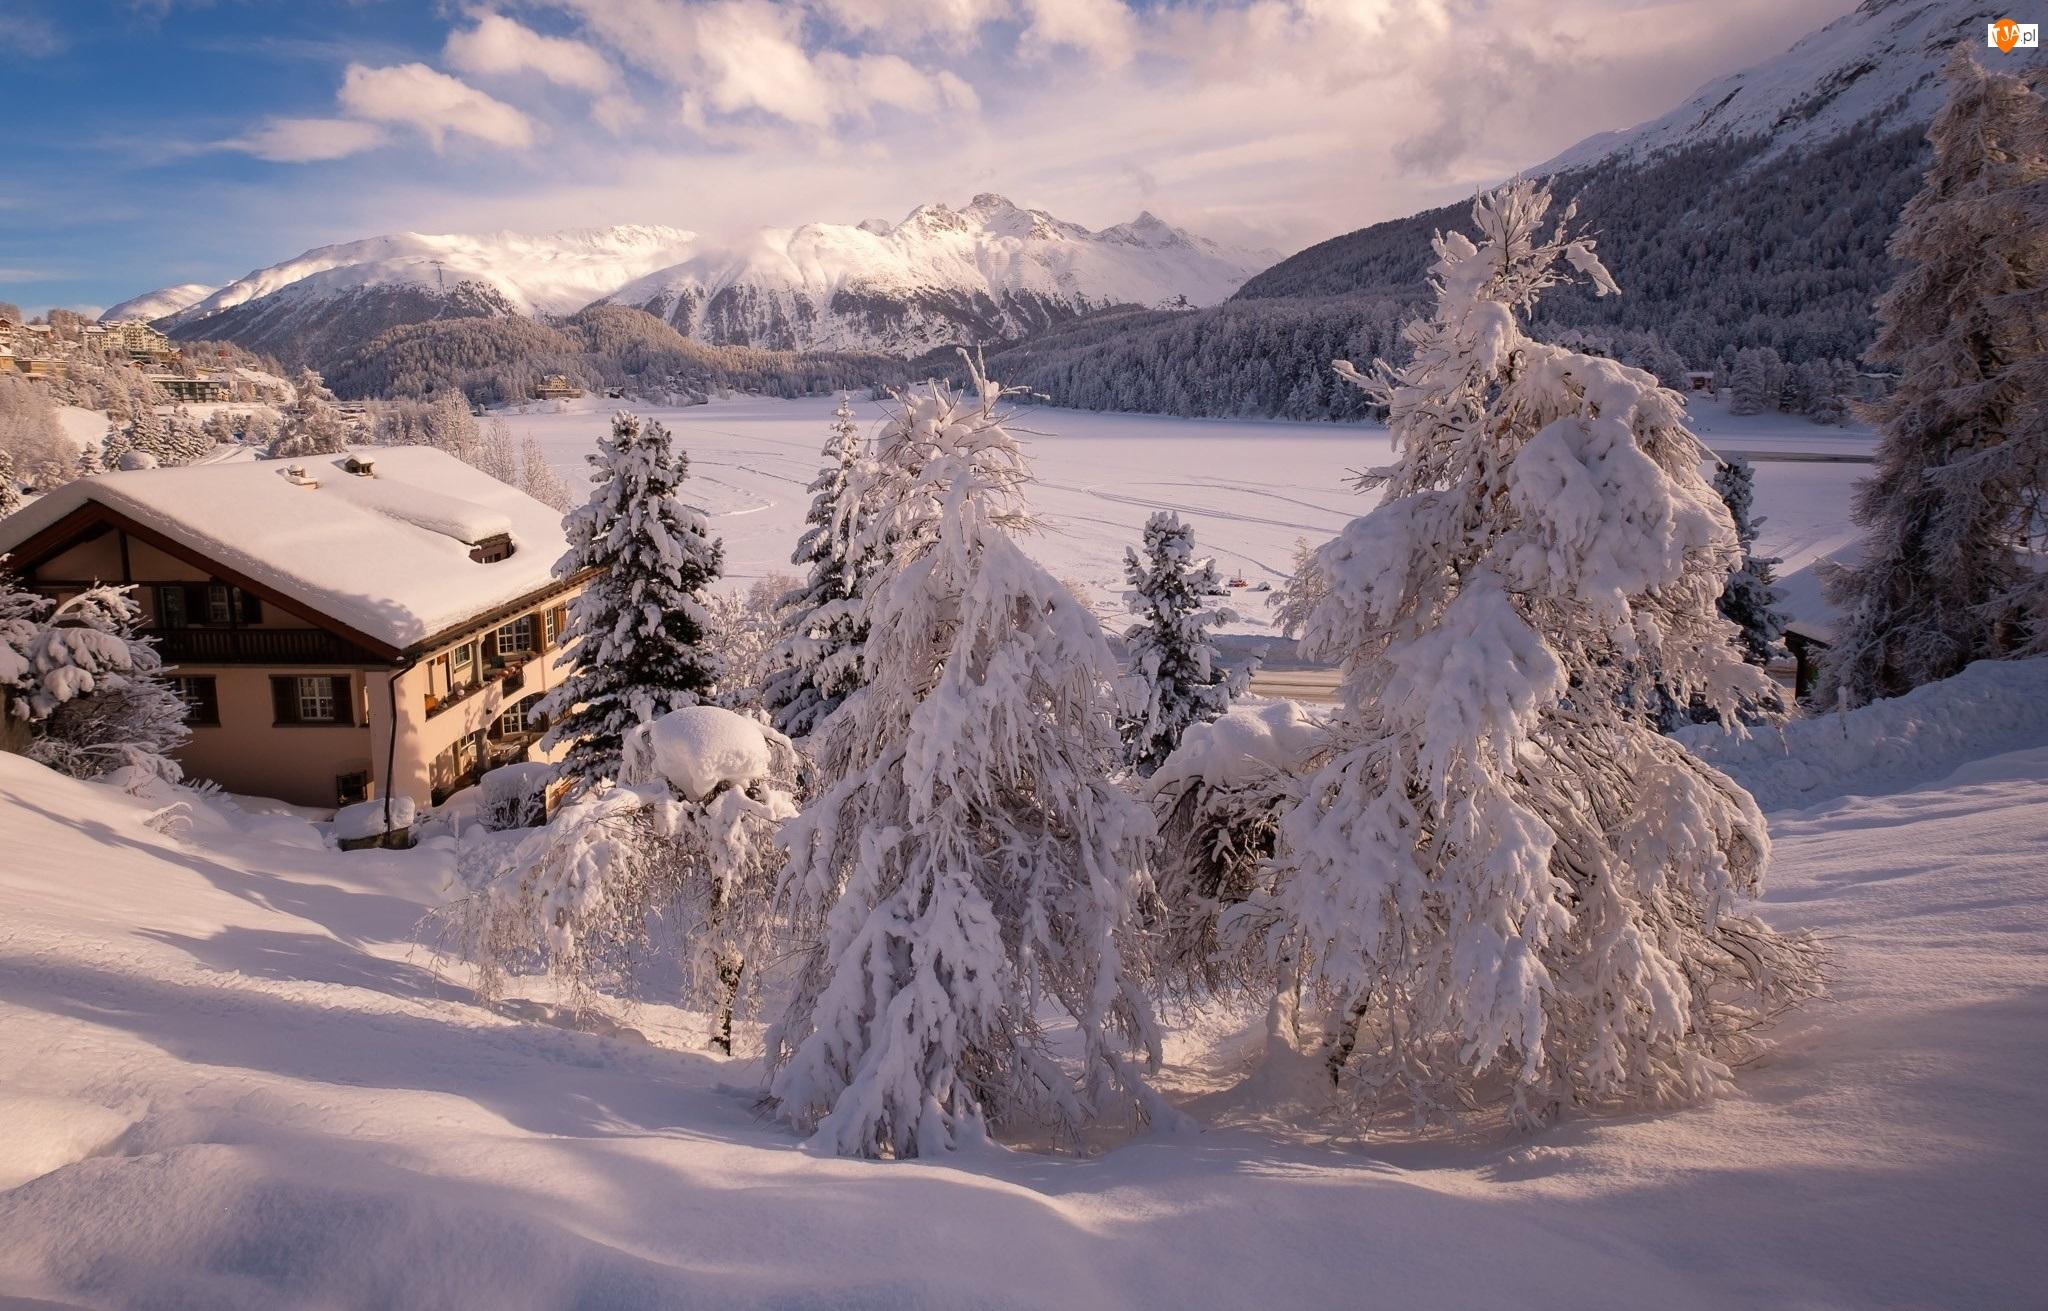 Szwajcaria, Jezioro Sankt Moritz, Sankt Moritz, Zaśnieżone, Ośnieżone, Zima, Świerki, Góry, Dom, Dolina Engadyna